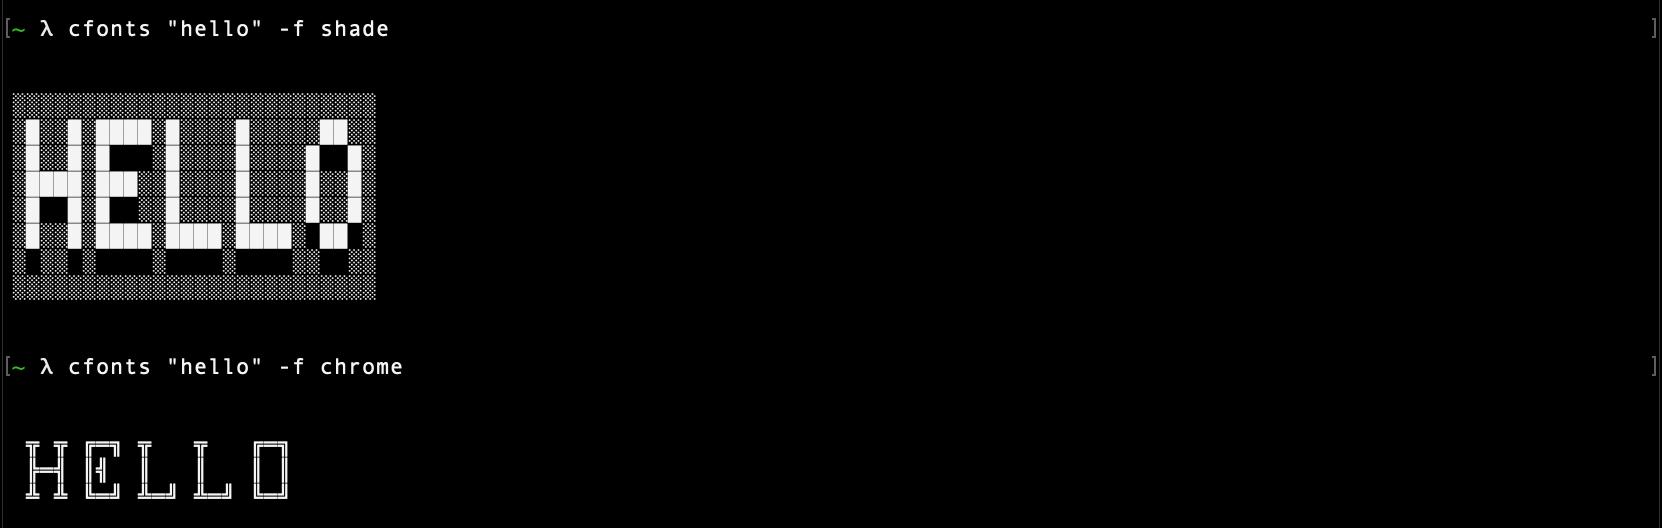 Font command